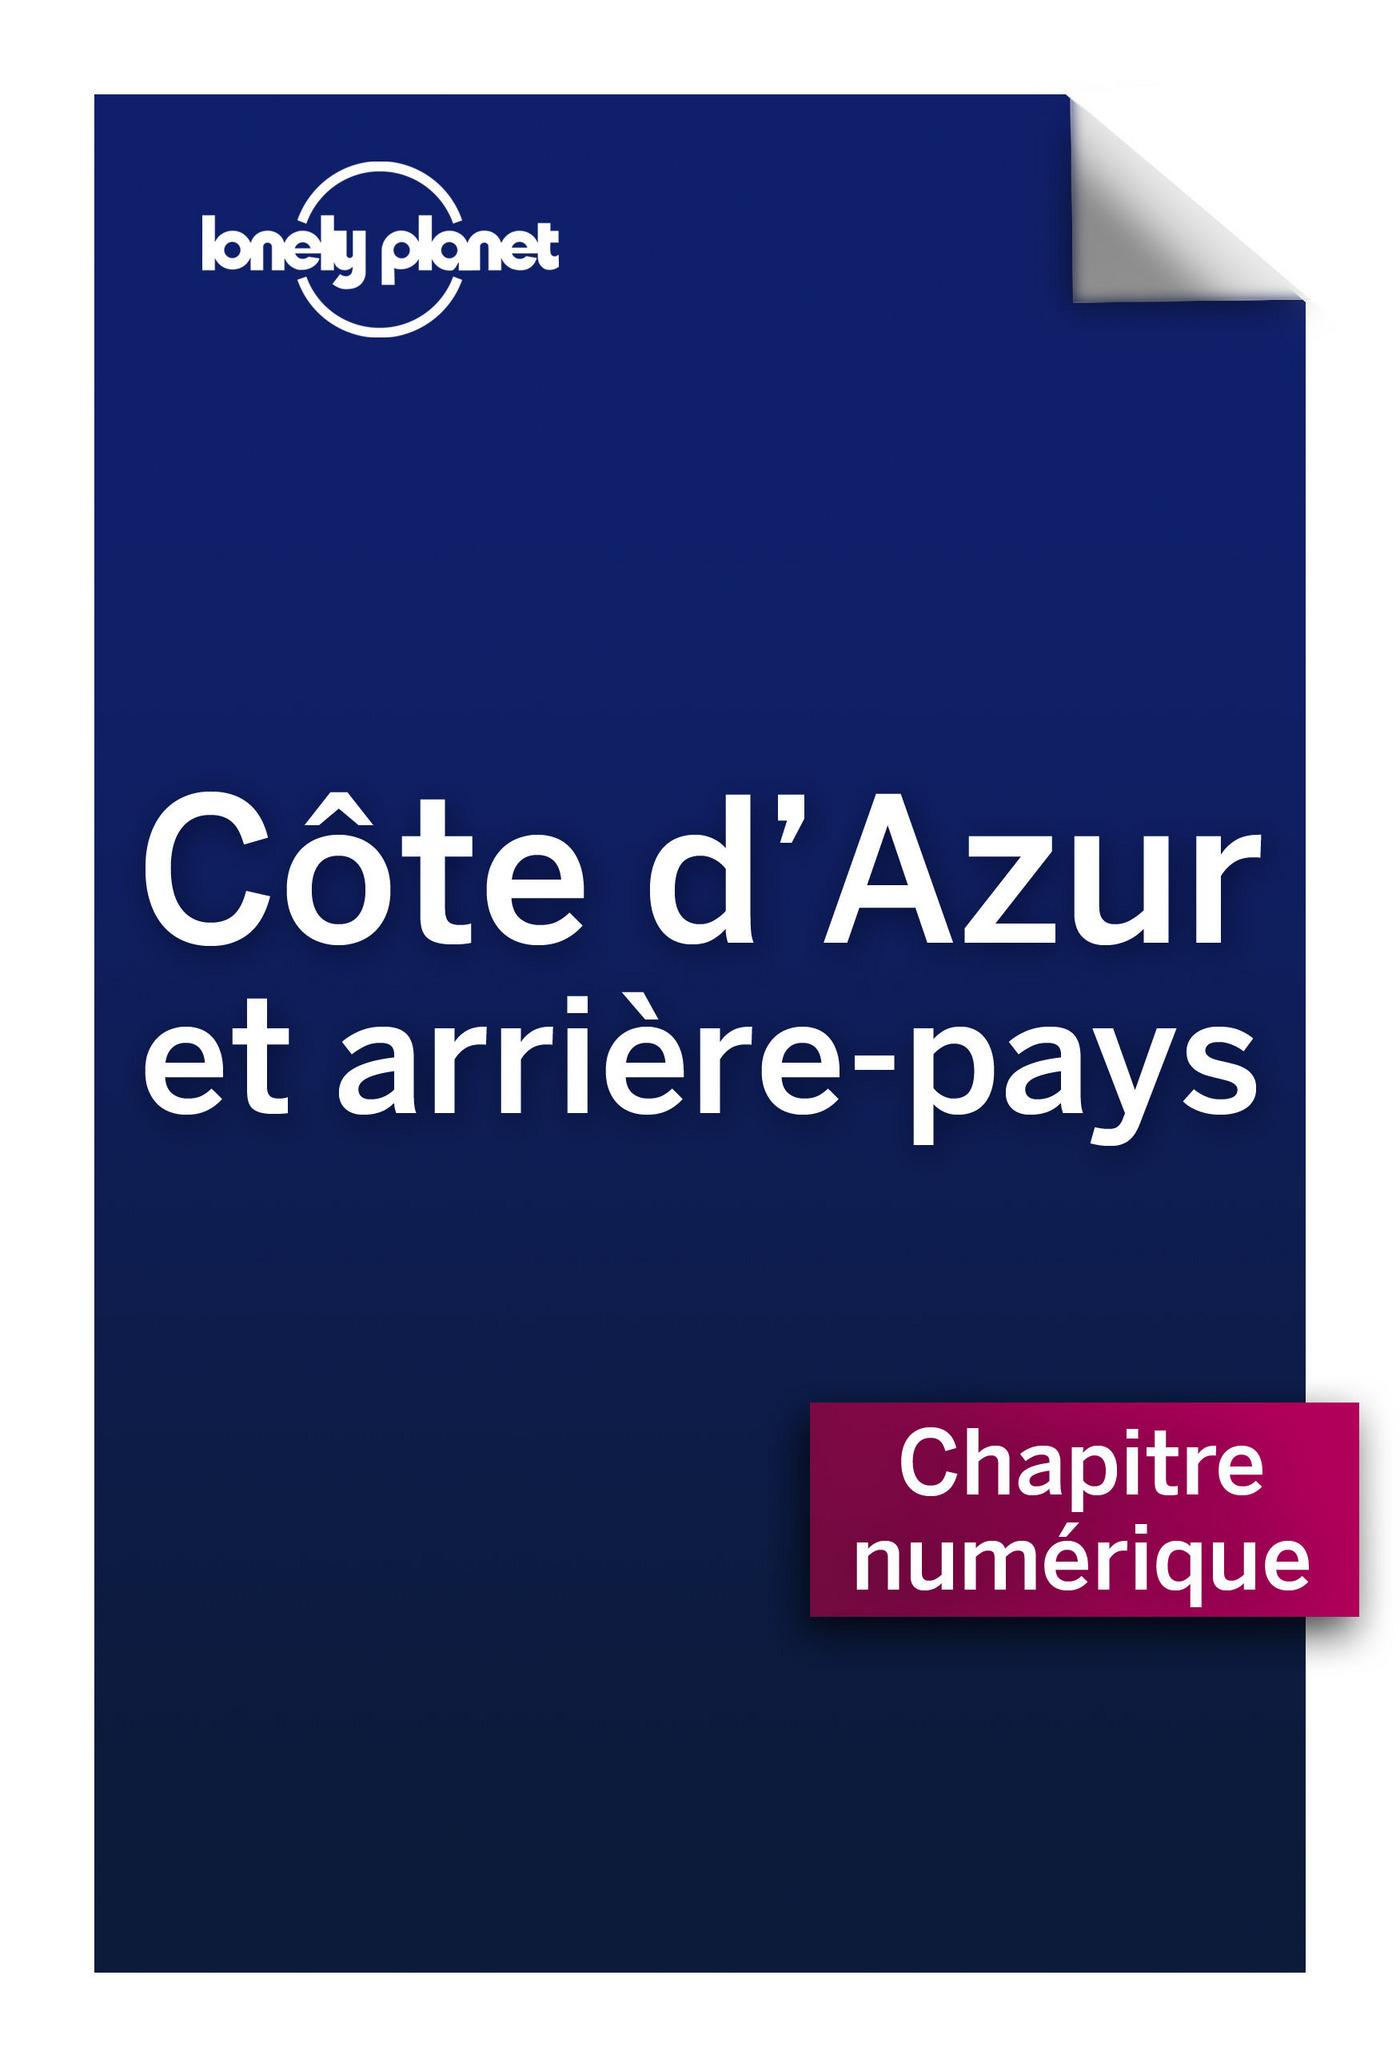 COTE D'AZUR - Comprendre la Côte d'Azur et Côte d'Azur pratique